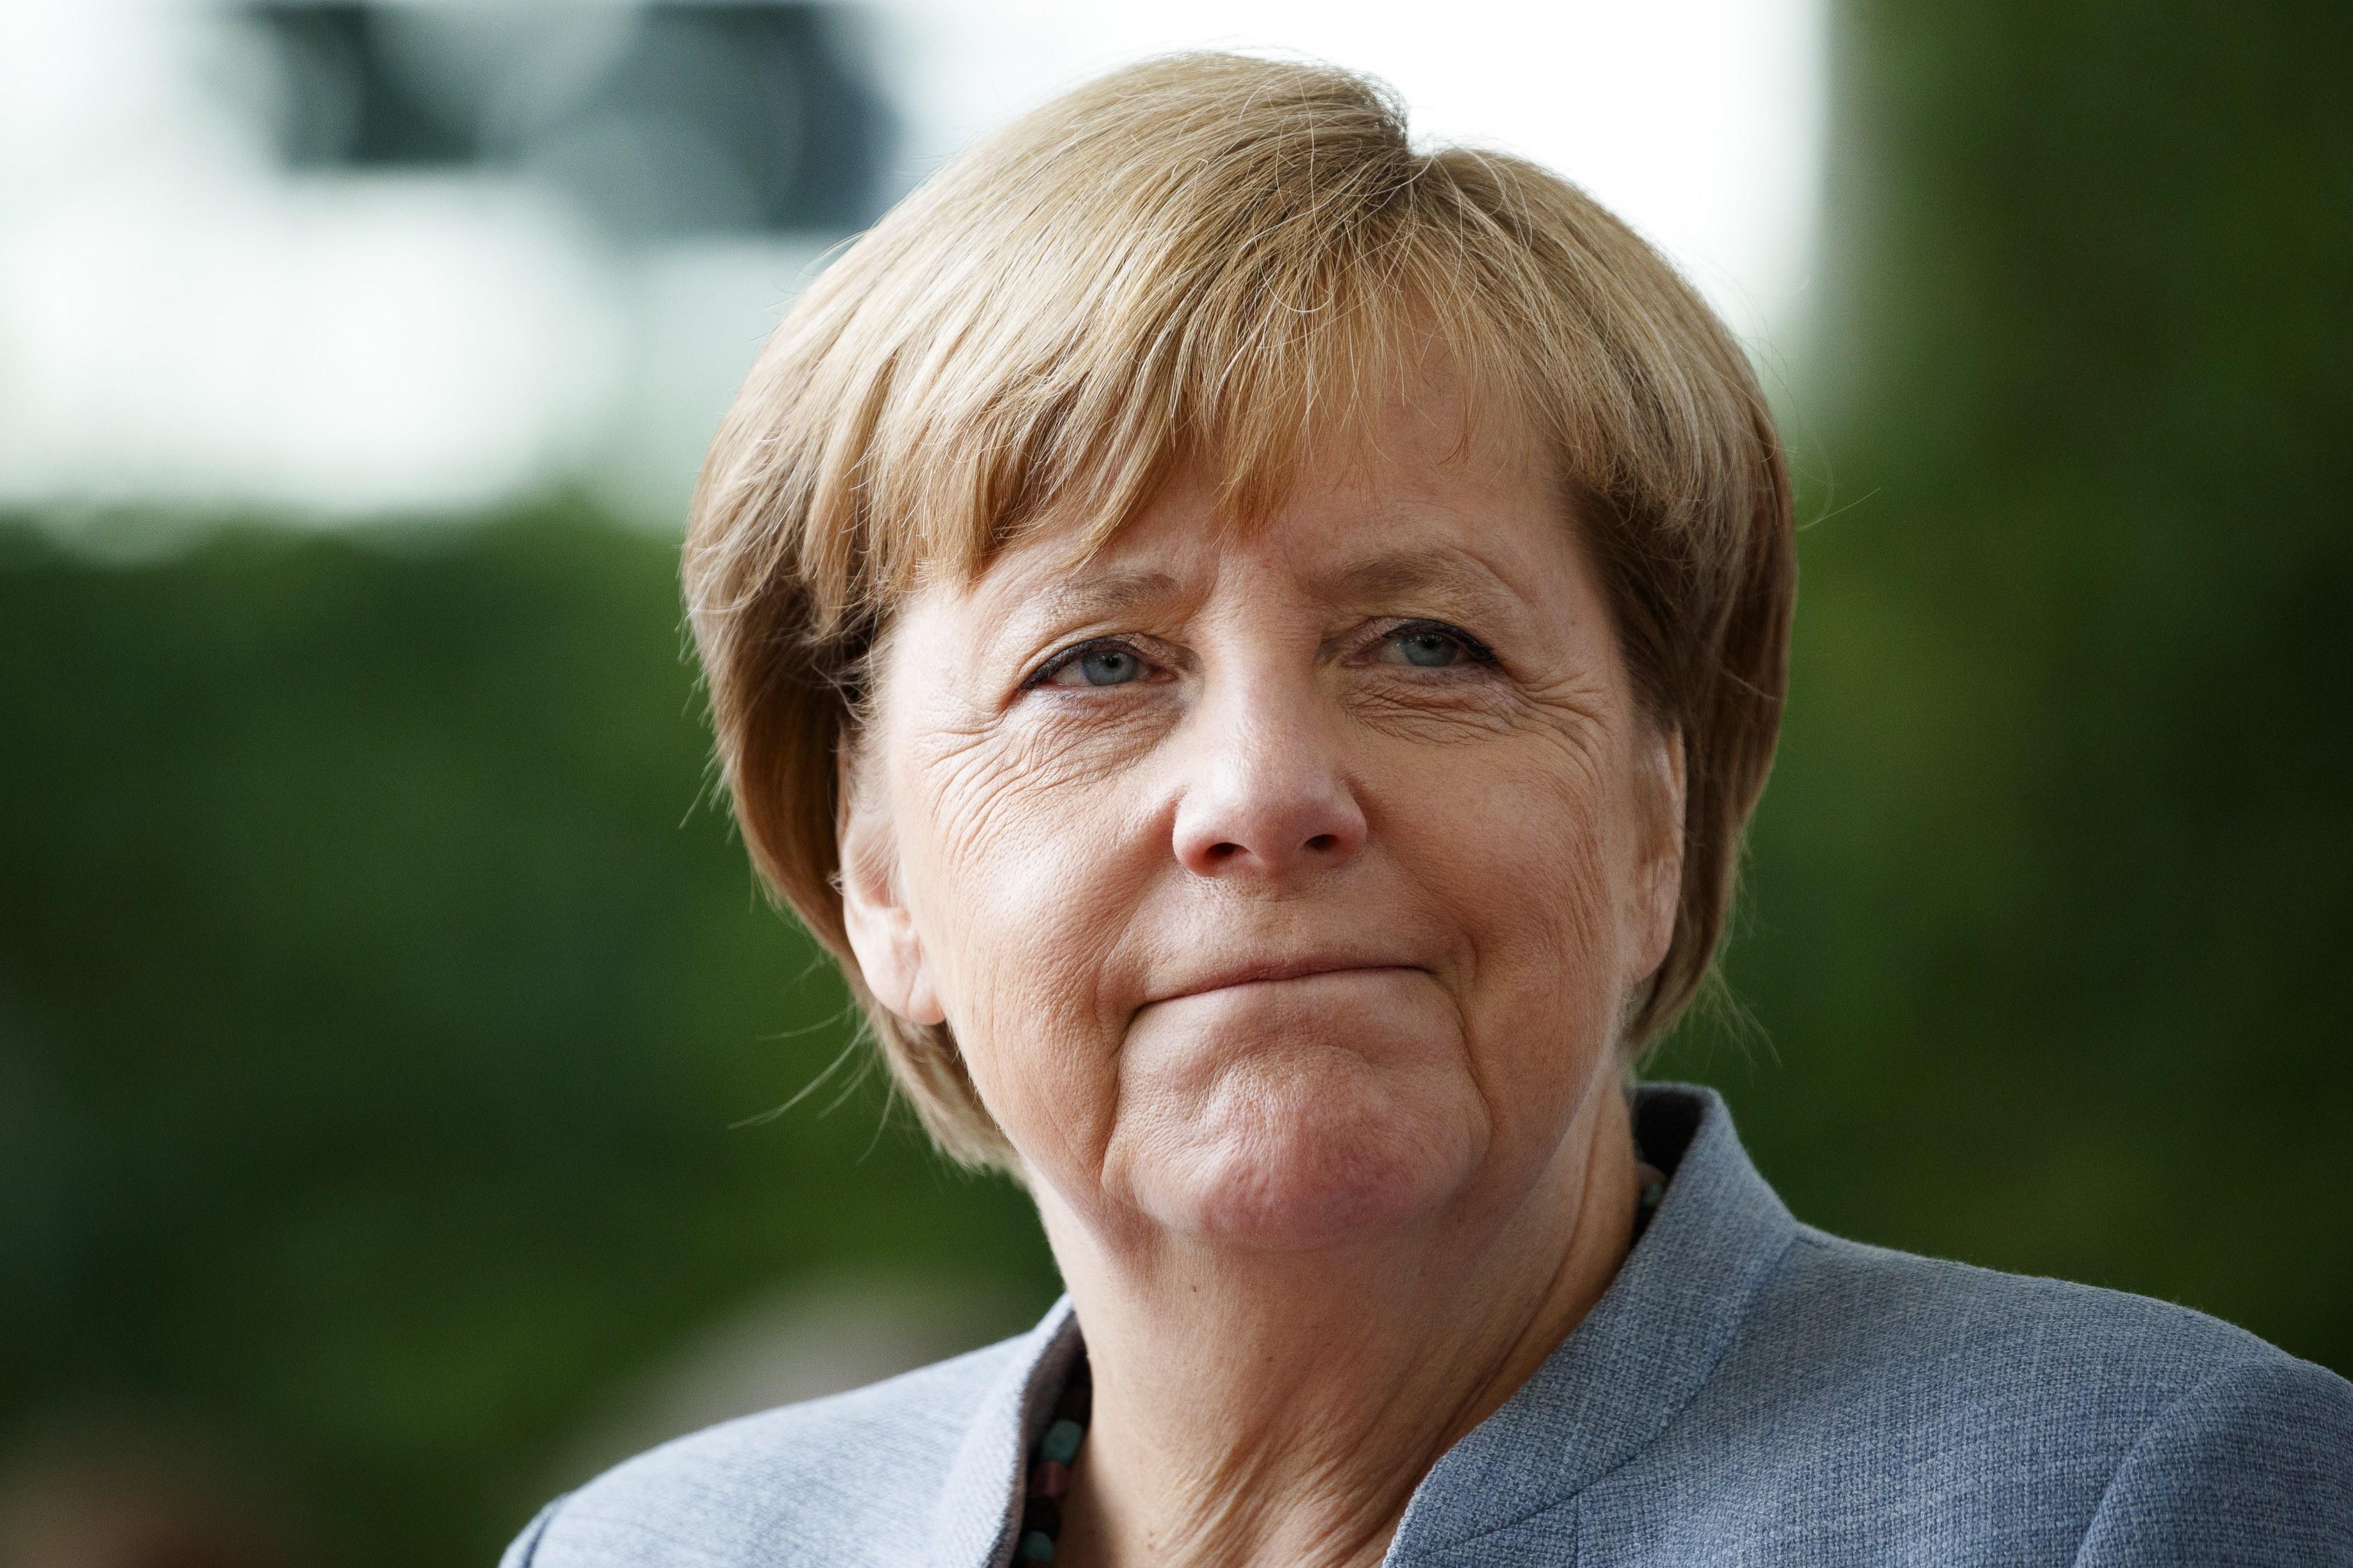 Merkel e a eleição mais vital para os europeus do que para os alemães